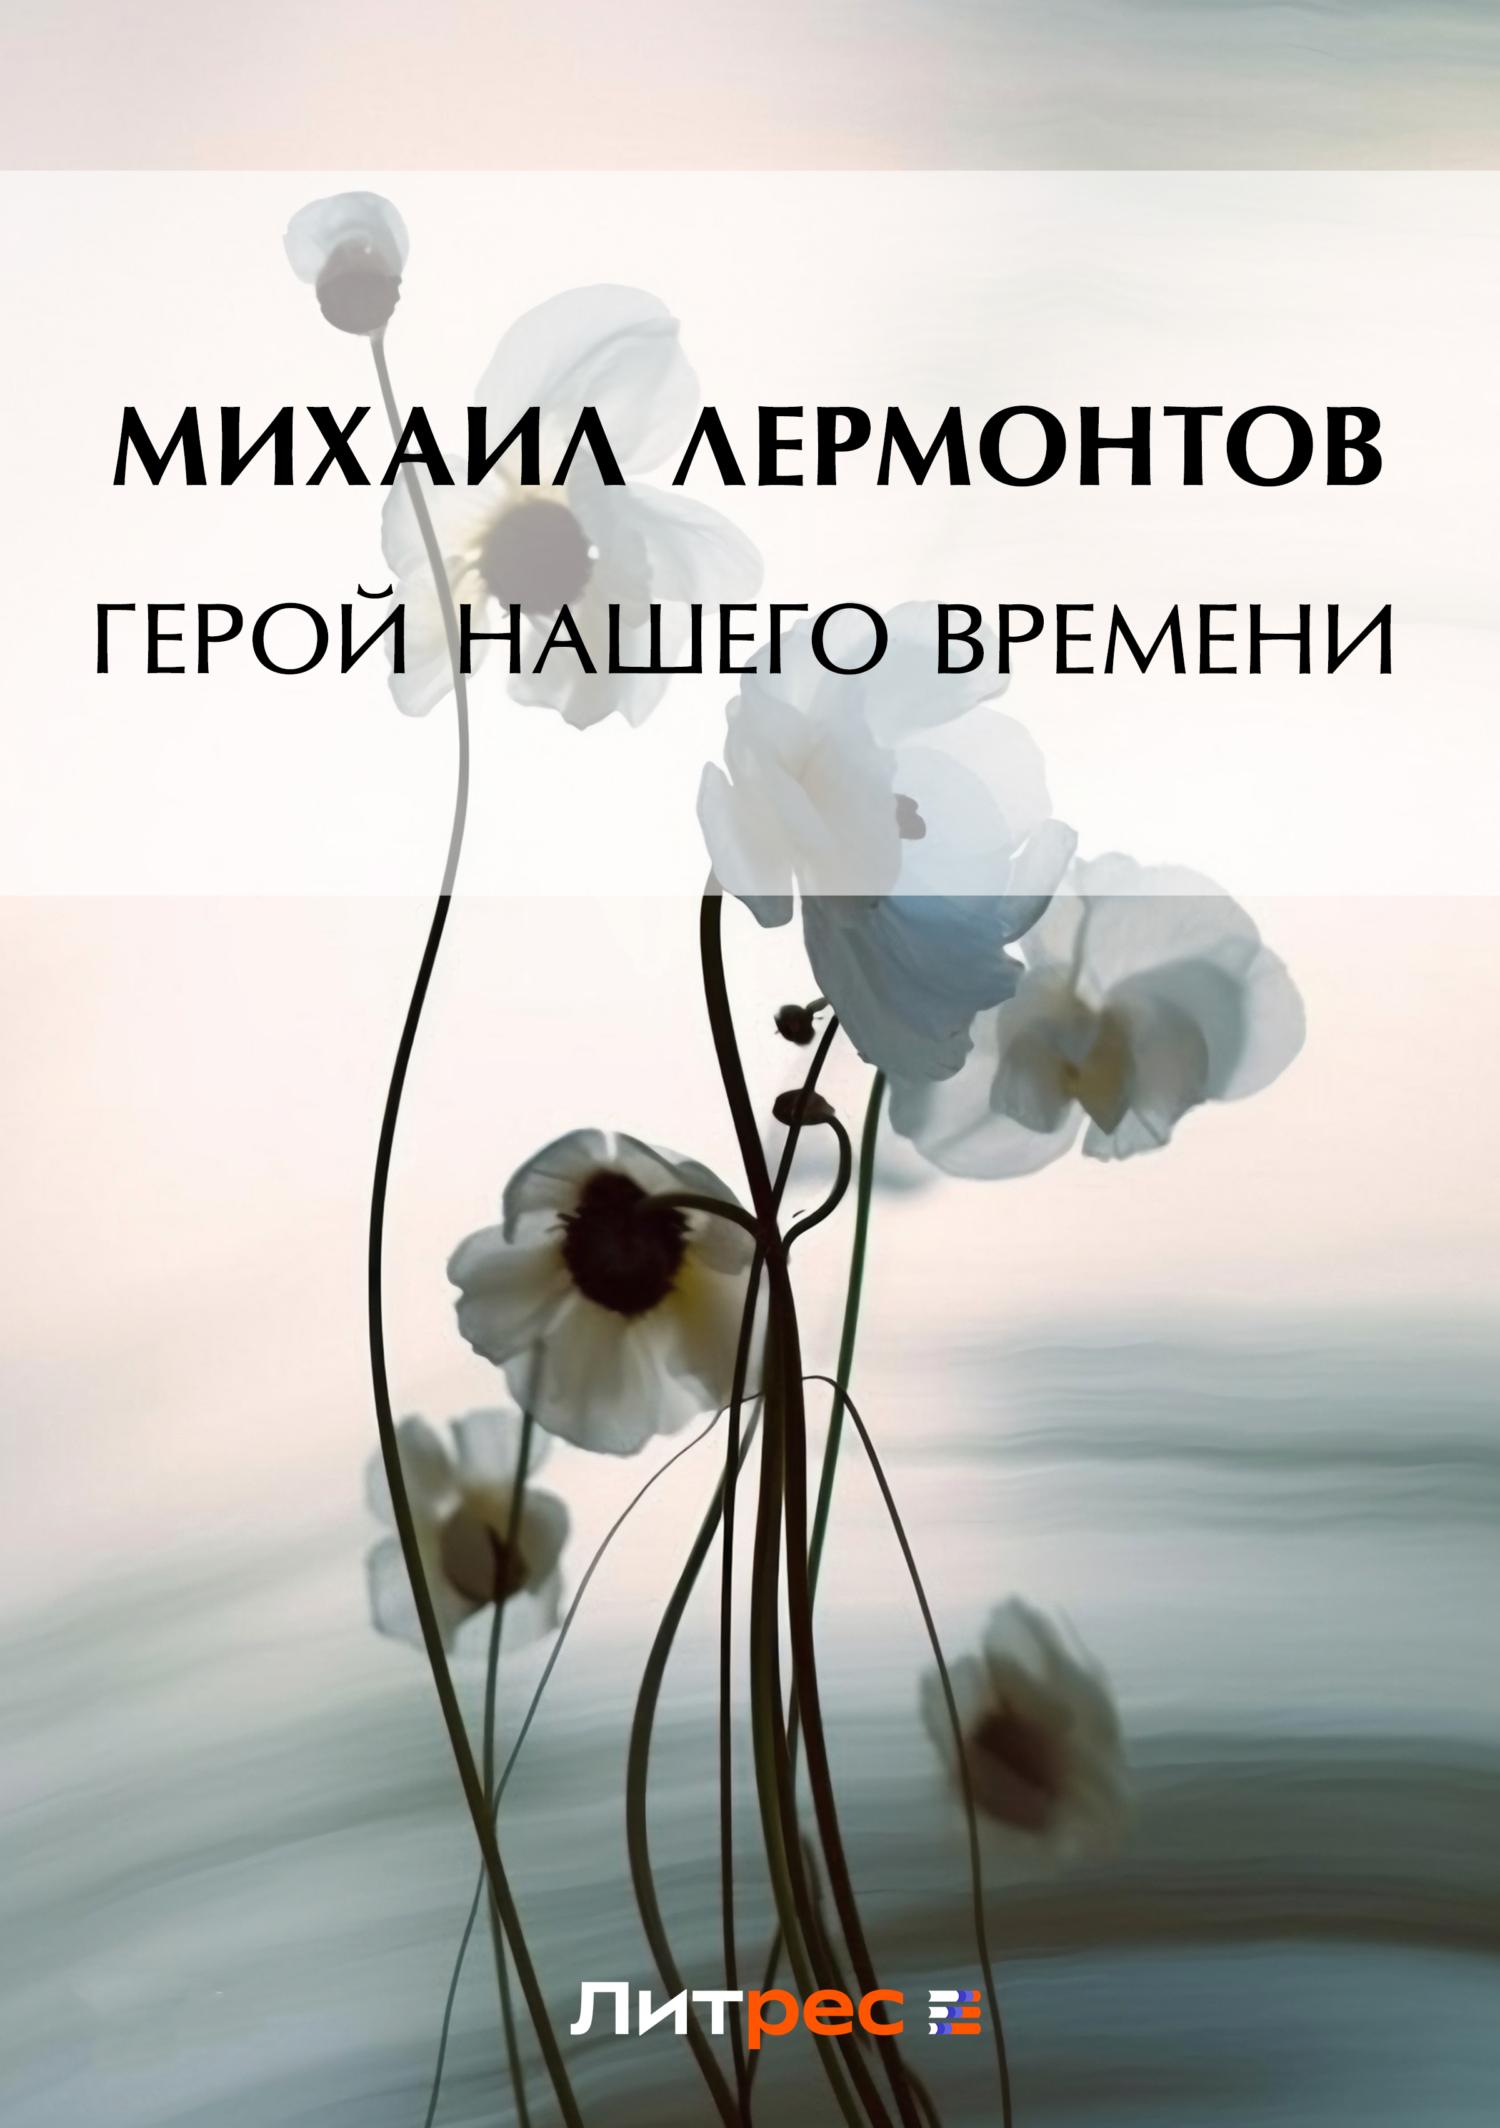 купить Михаил Лермонтов Герой нашего времени по цене 0 рублей